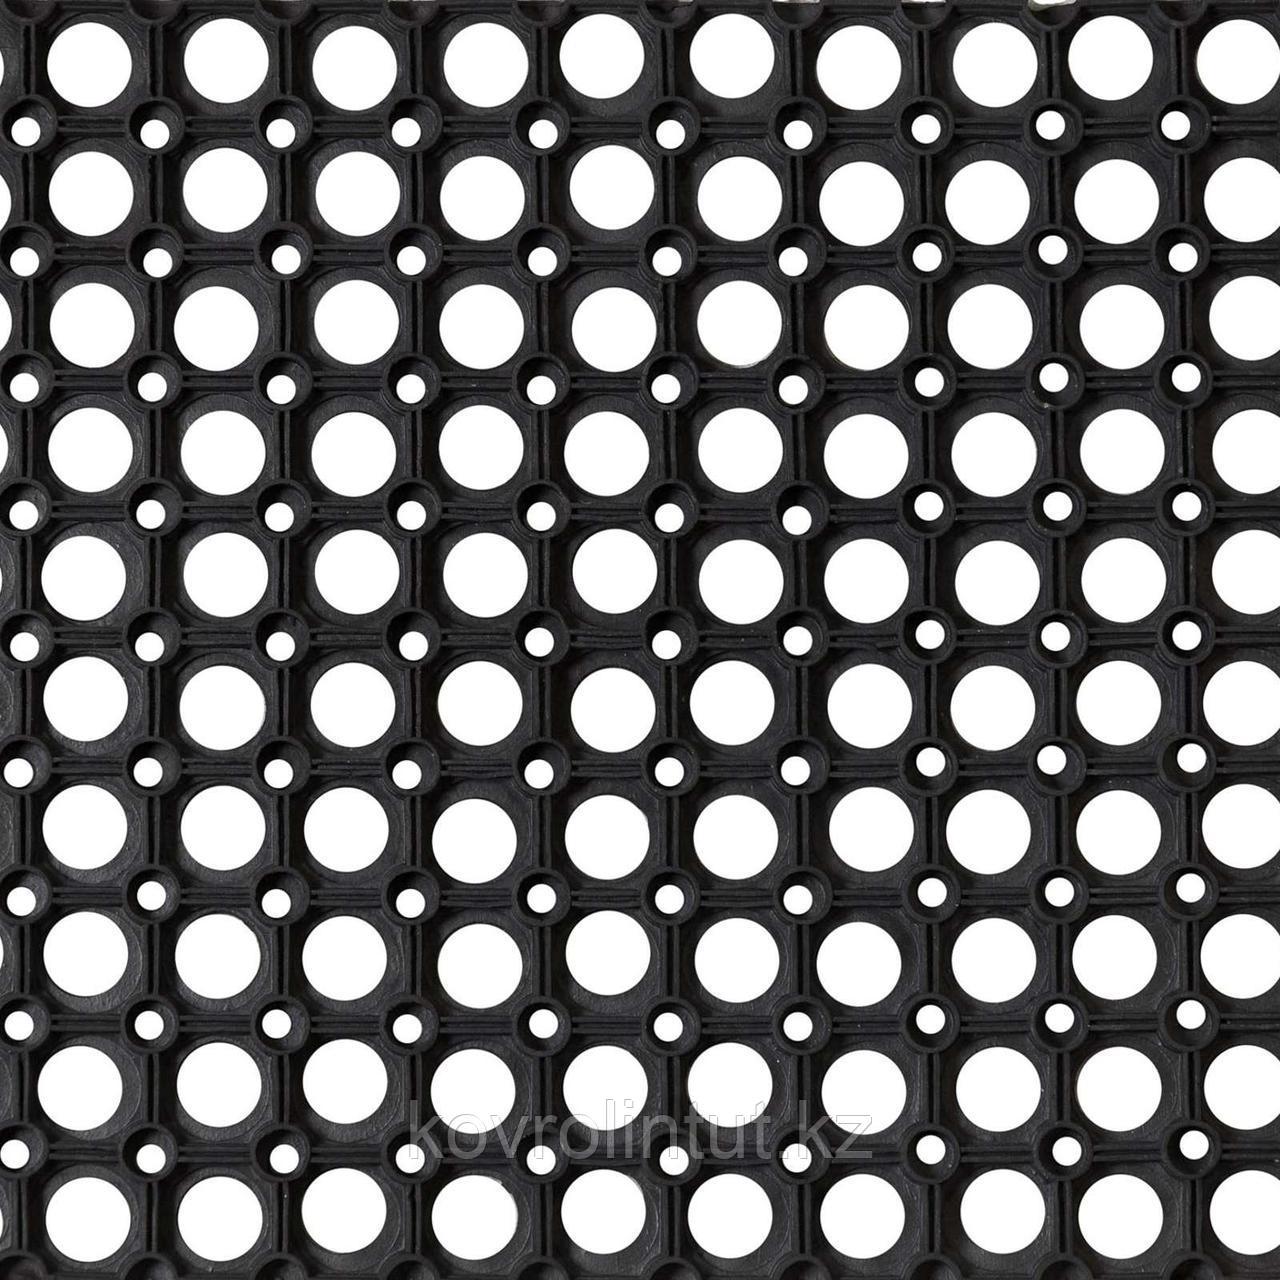 Коврик резиновый Ринго-мат 80х120 см, 16 мм, черный